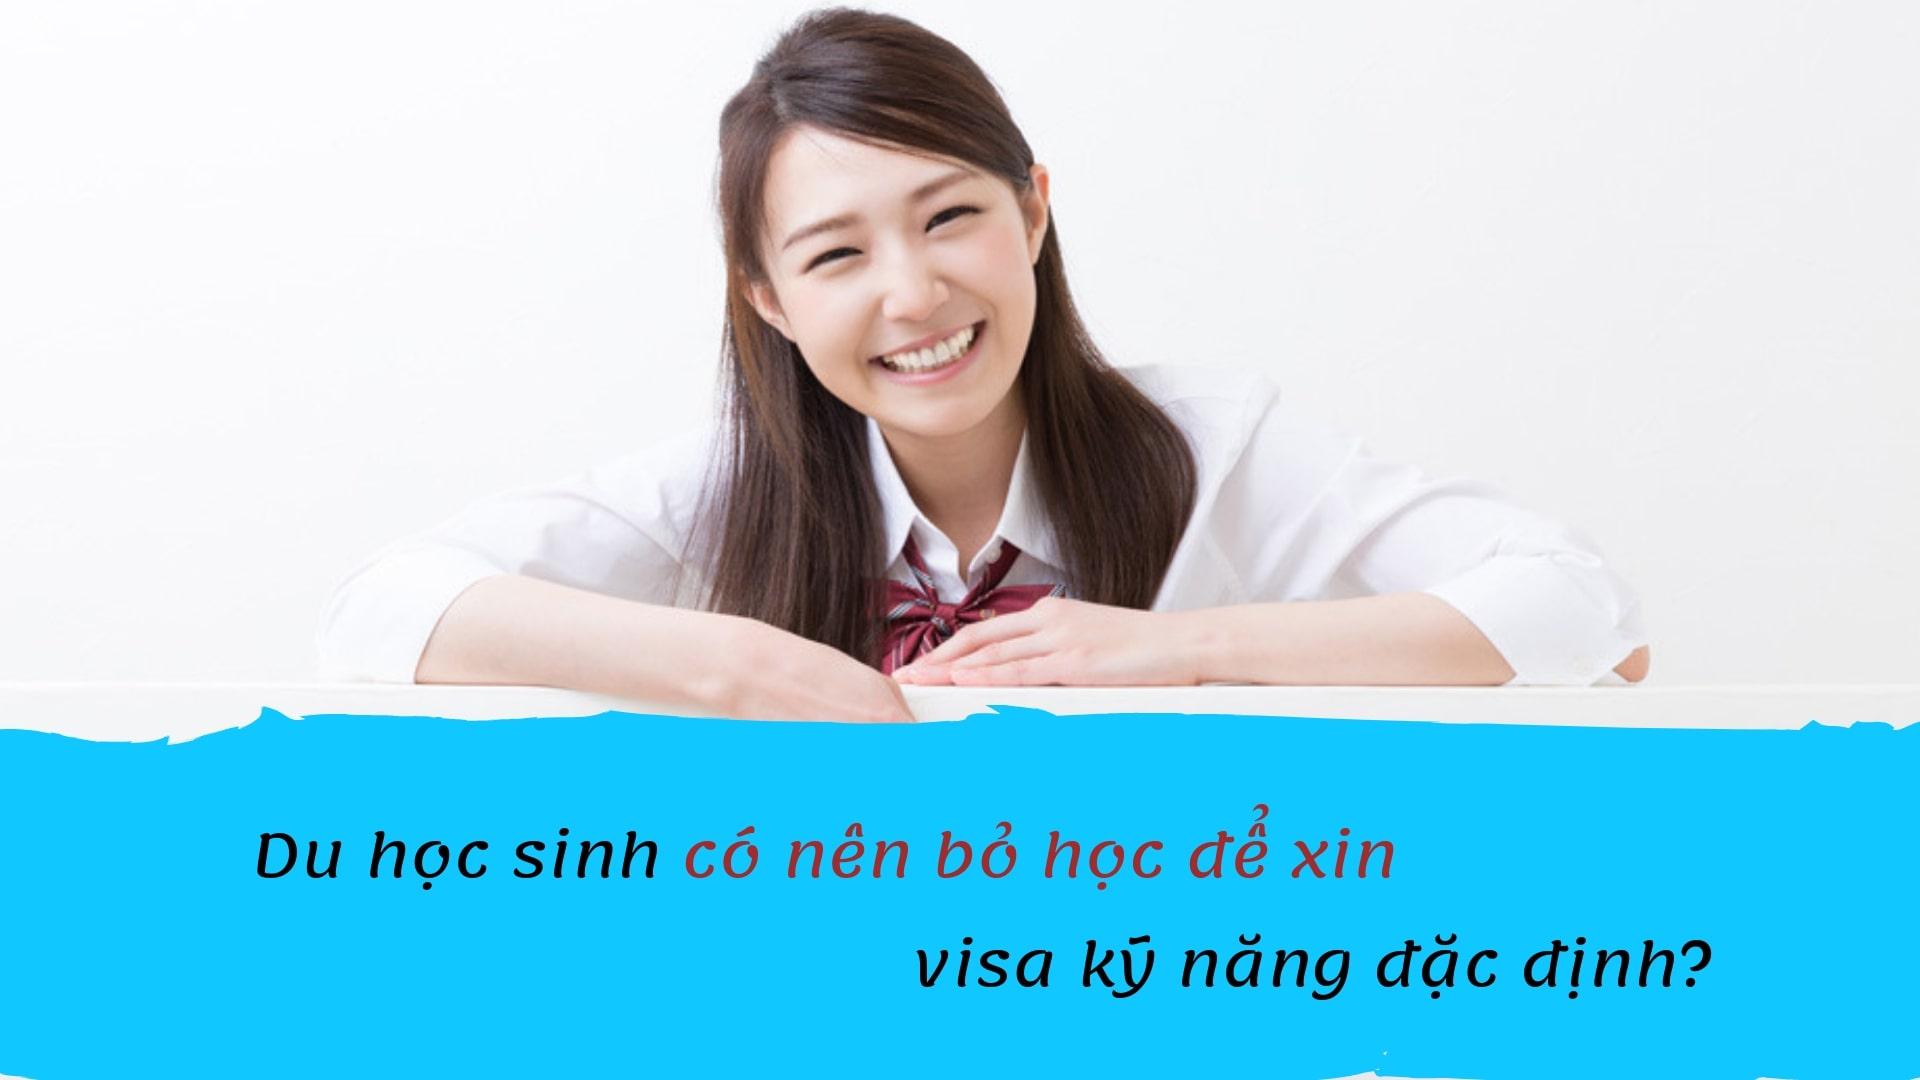 Du học sinh ở Nhật có thể xin visa kỹ năng đặc định loại 1 được không?